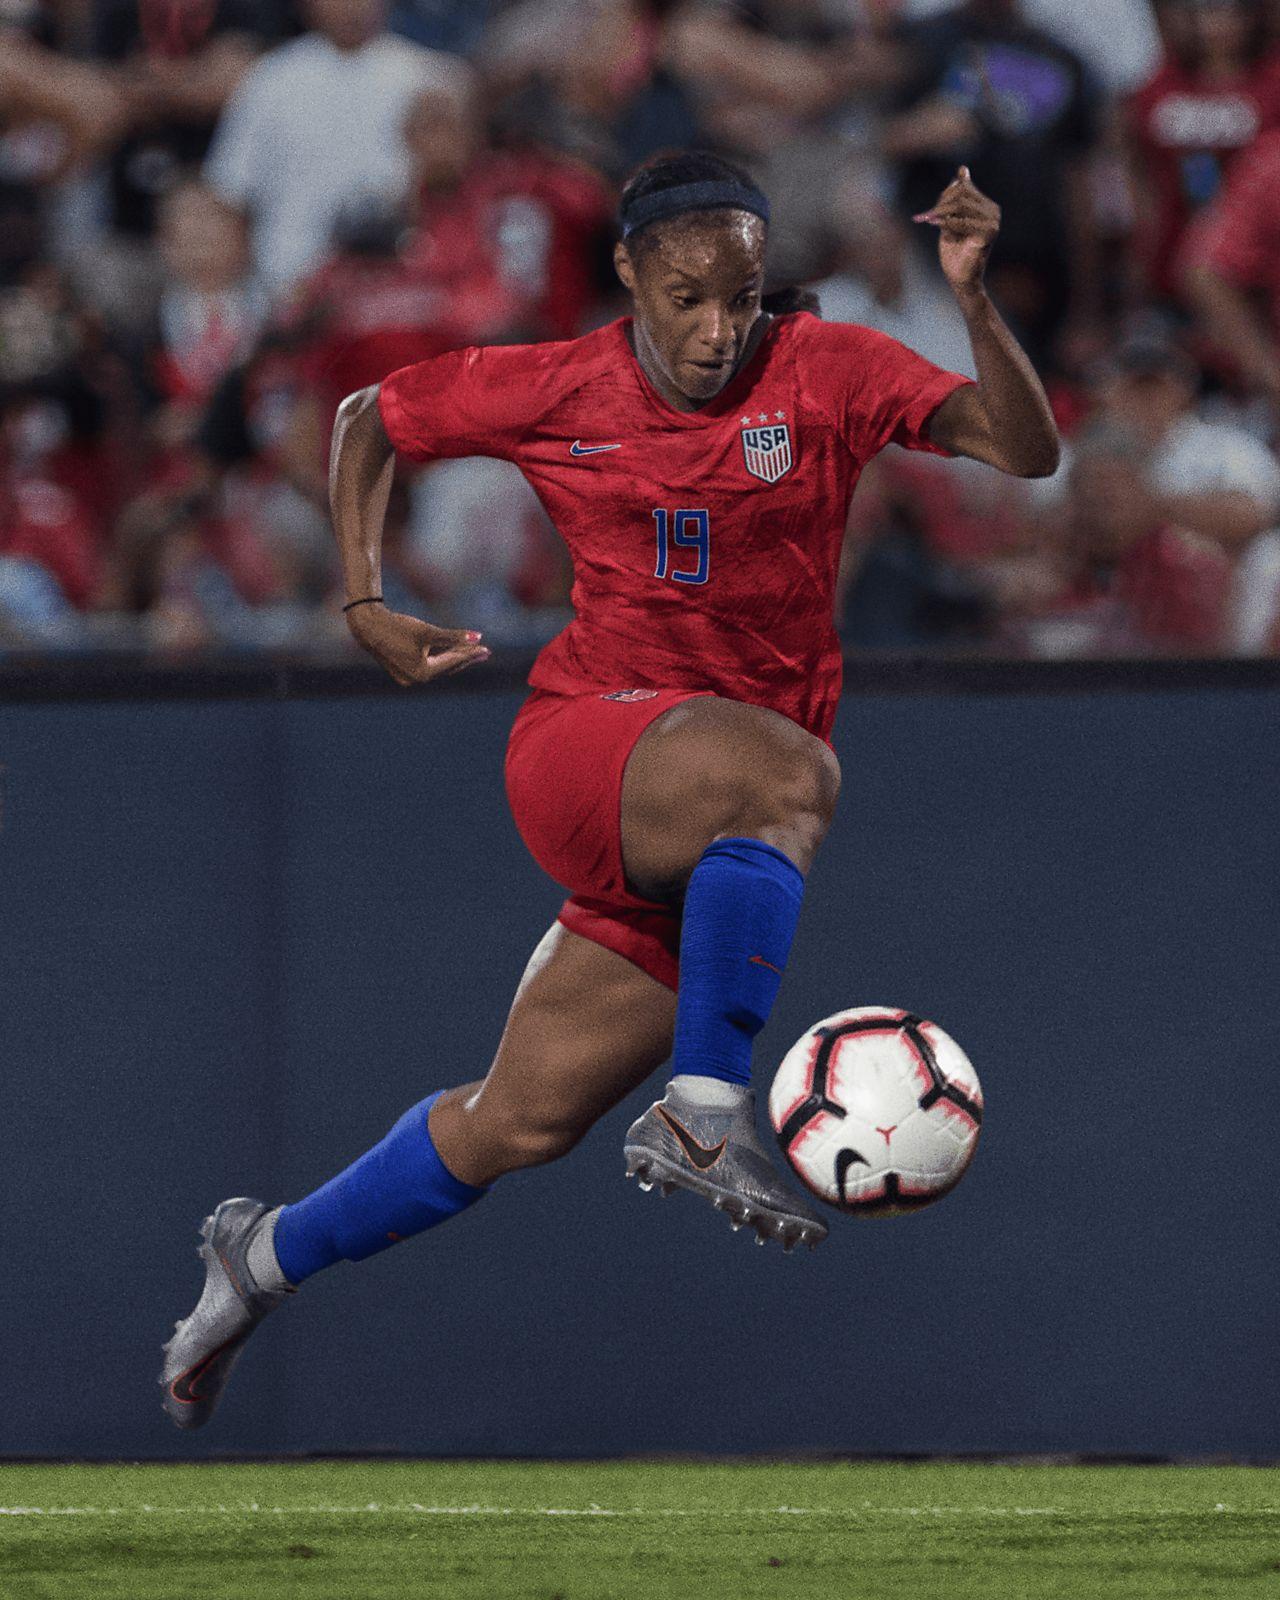 3a877f88d93 U.S. 2019 Stadium Away Women s Soccer Jersey. Nike.com